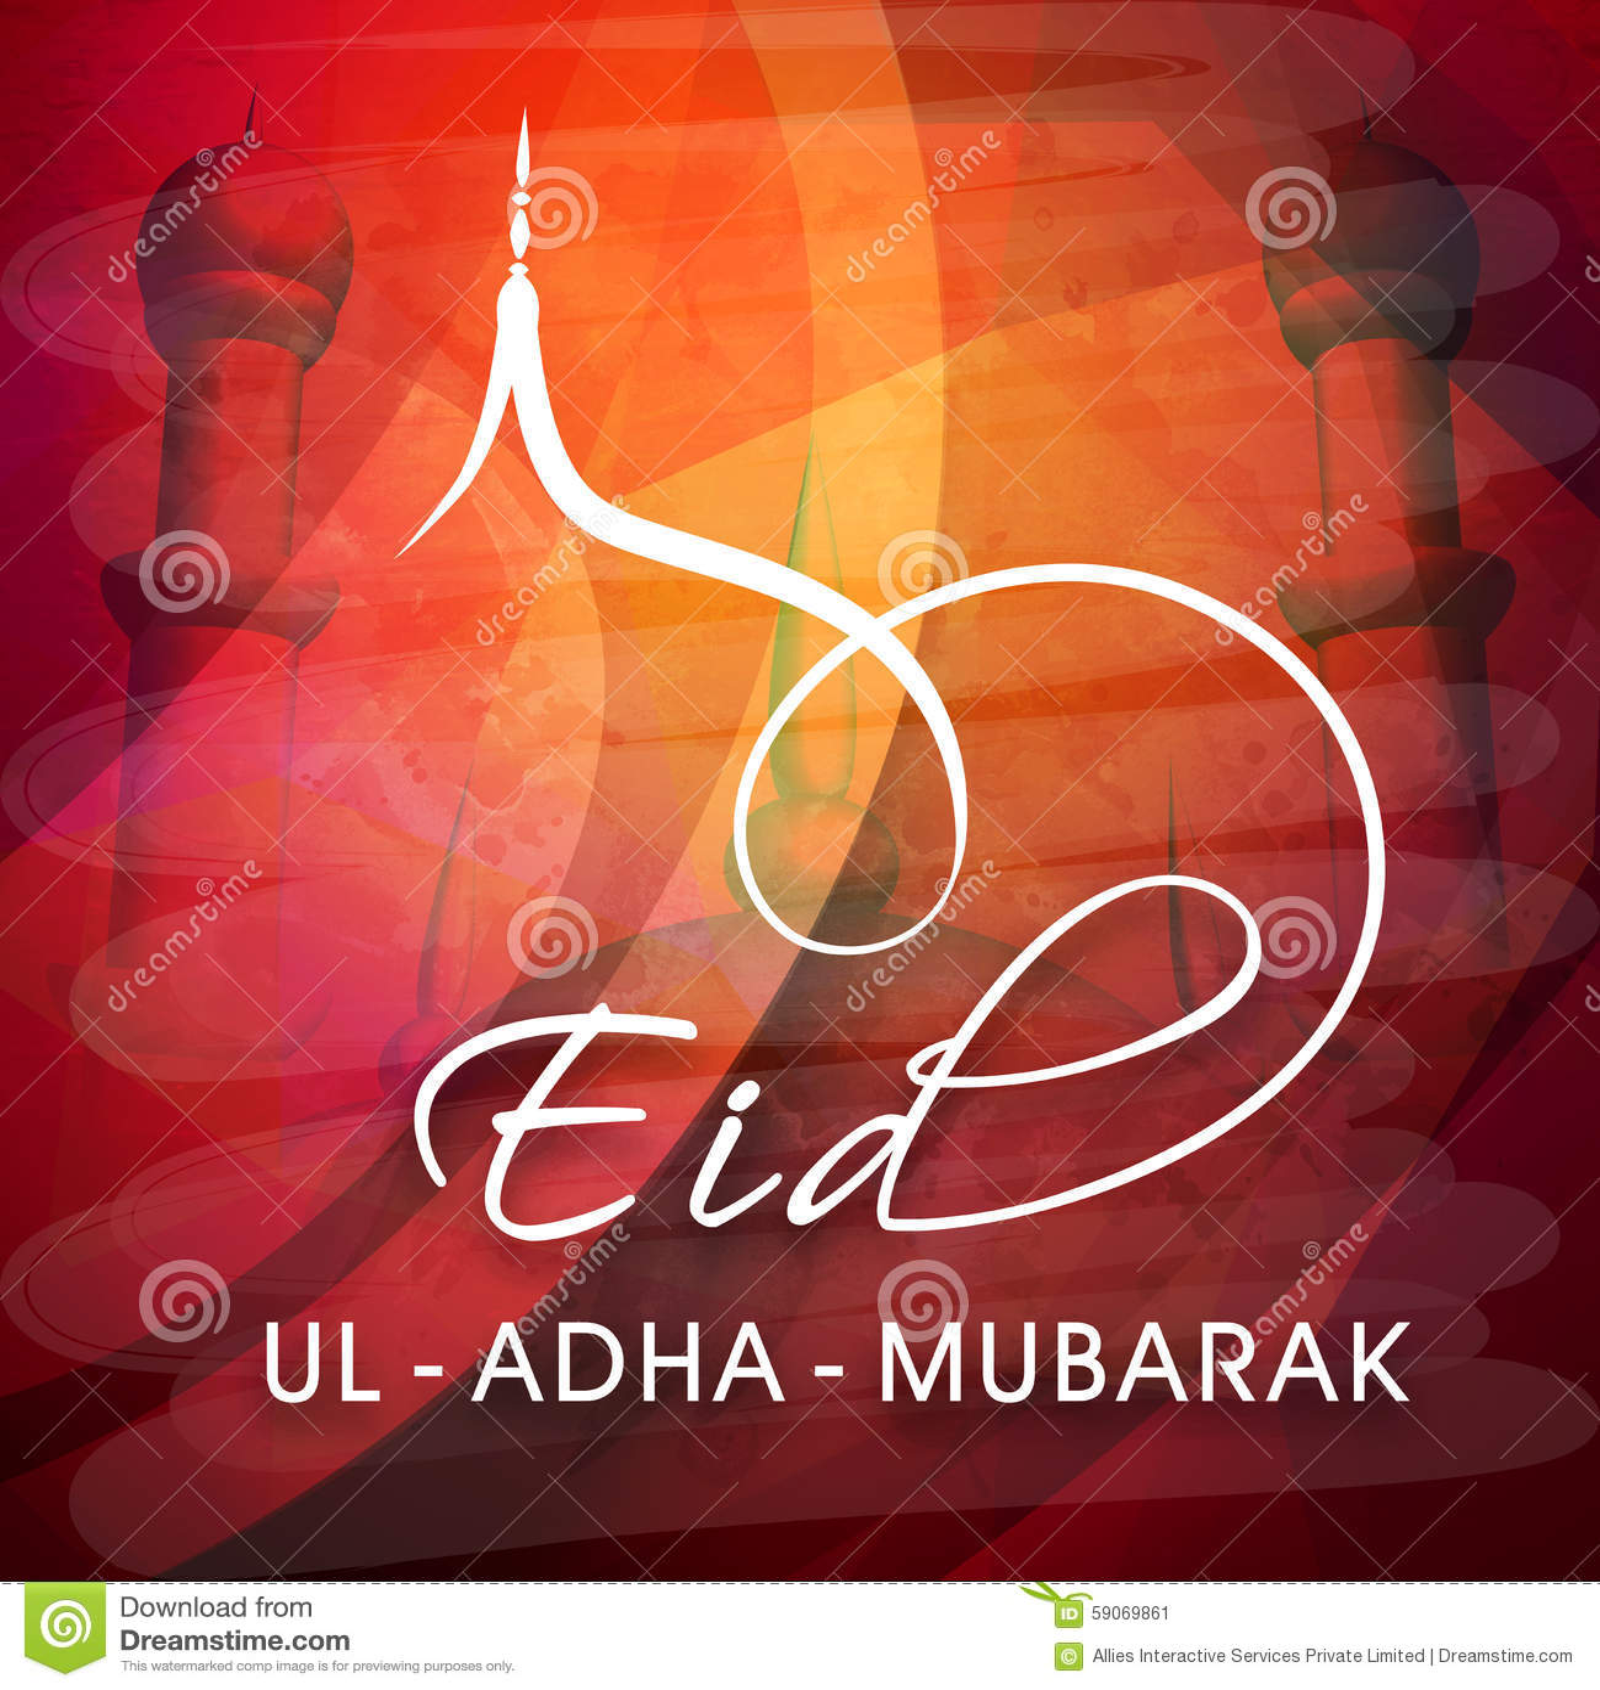 Greeting card for eid ul adha celebration stock illustration greeting card for eid ul adha celebration m4hsunfo